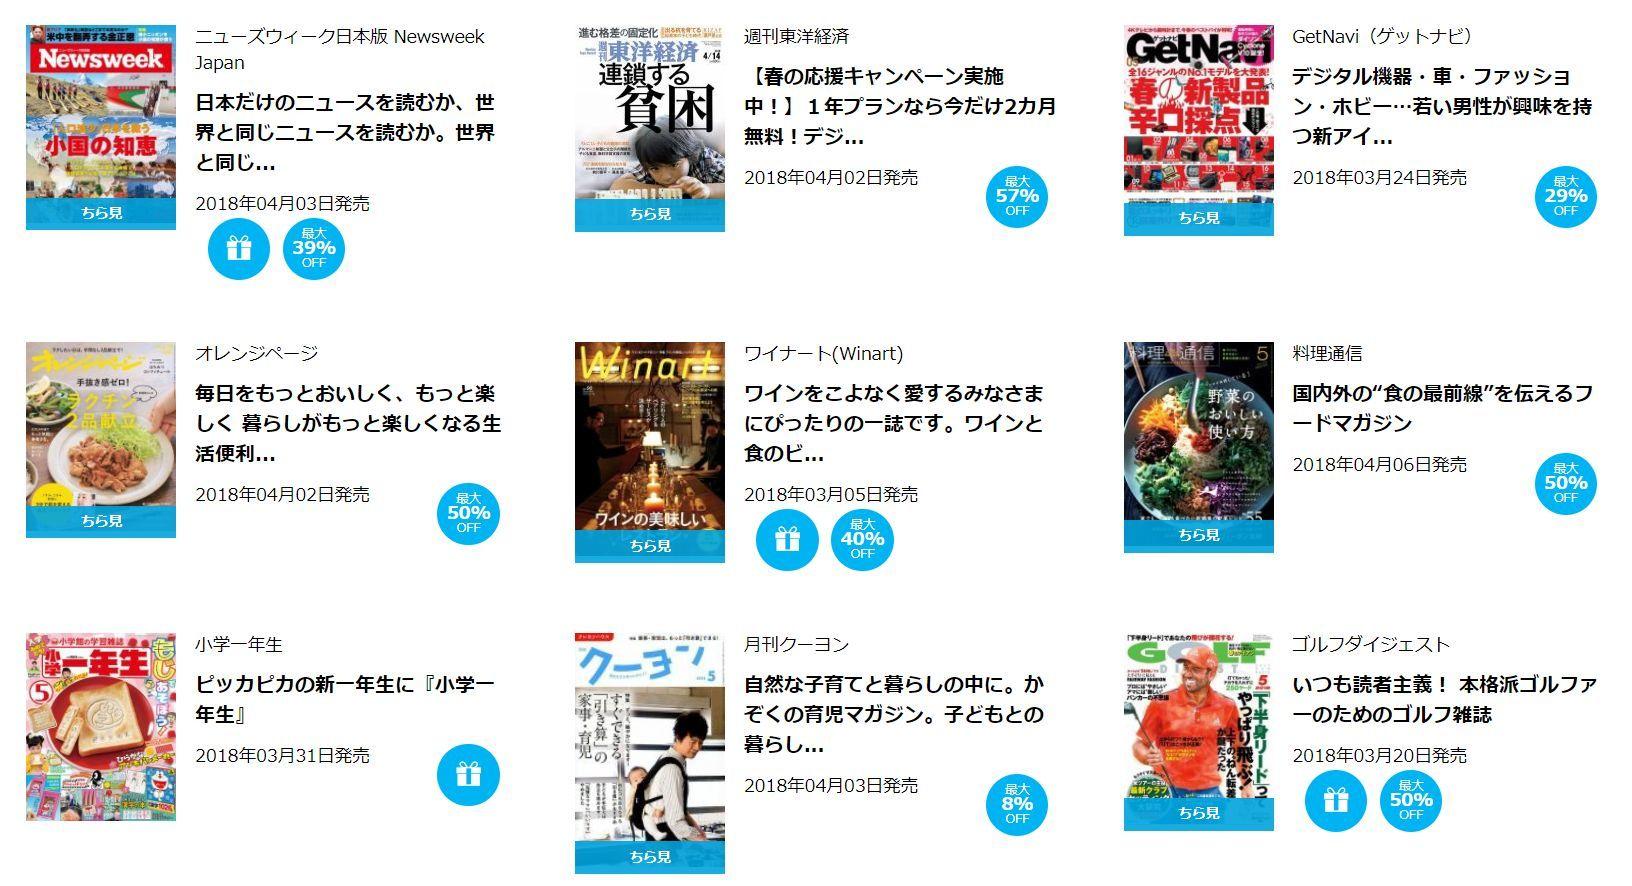 雑誌はほとんど買いません_c0025115_21335801.jpg